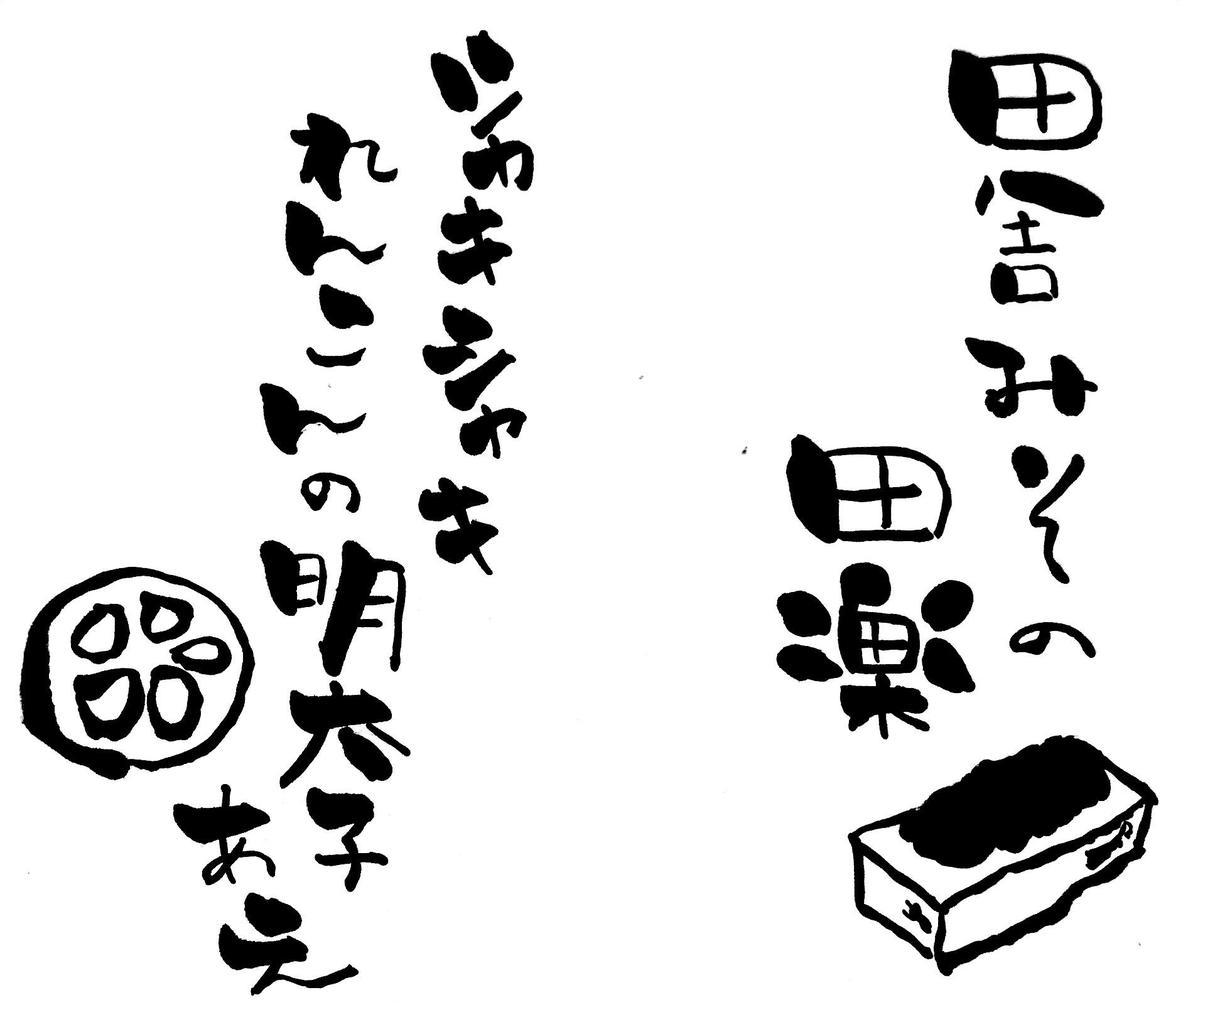 お好きな言葉やイラストをゆる筆文字でお書きします ゆるふわ好きな作者が可愛く文字やイラストをお書きいたします